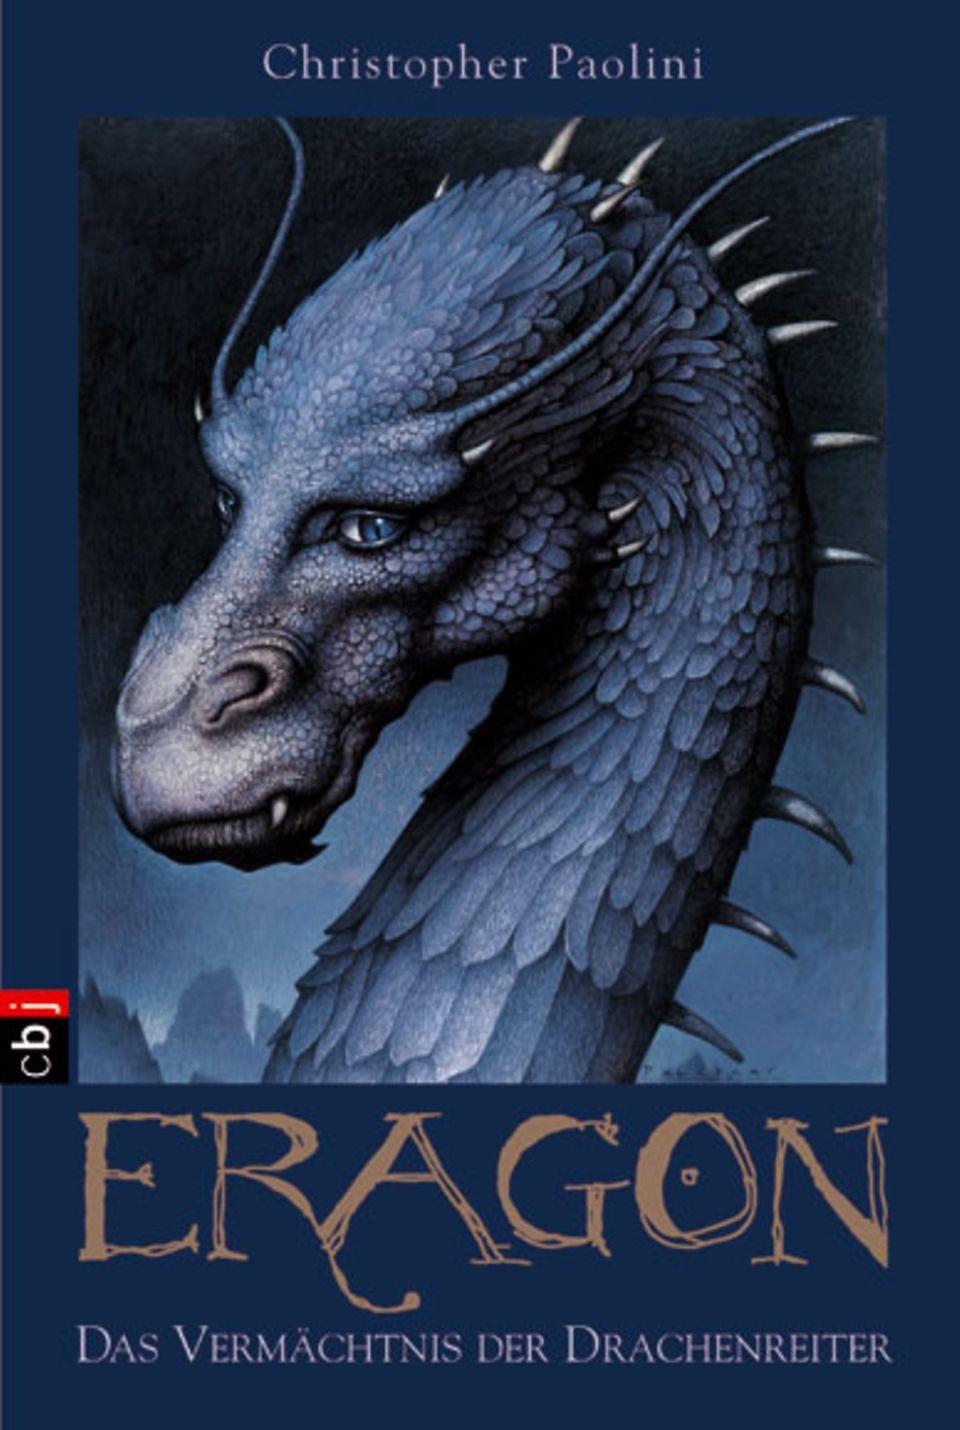 Christopher Paolini: Eragon - Das Vermächtnis der Drachenreiter. cbj, 608 Seiten, 19,90 Euro.